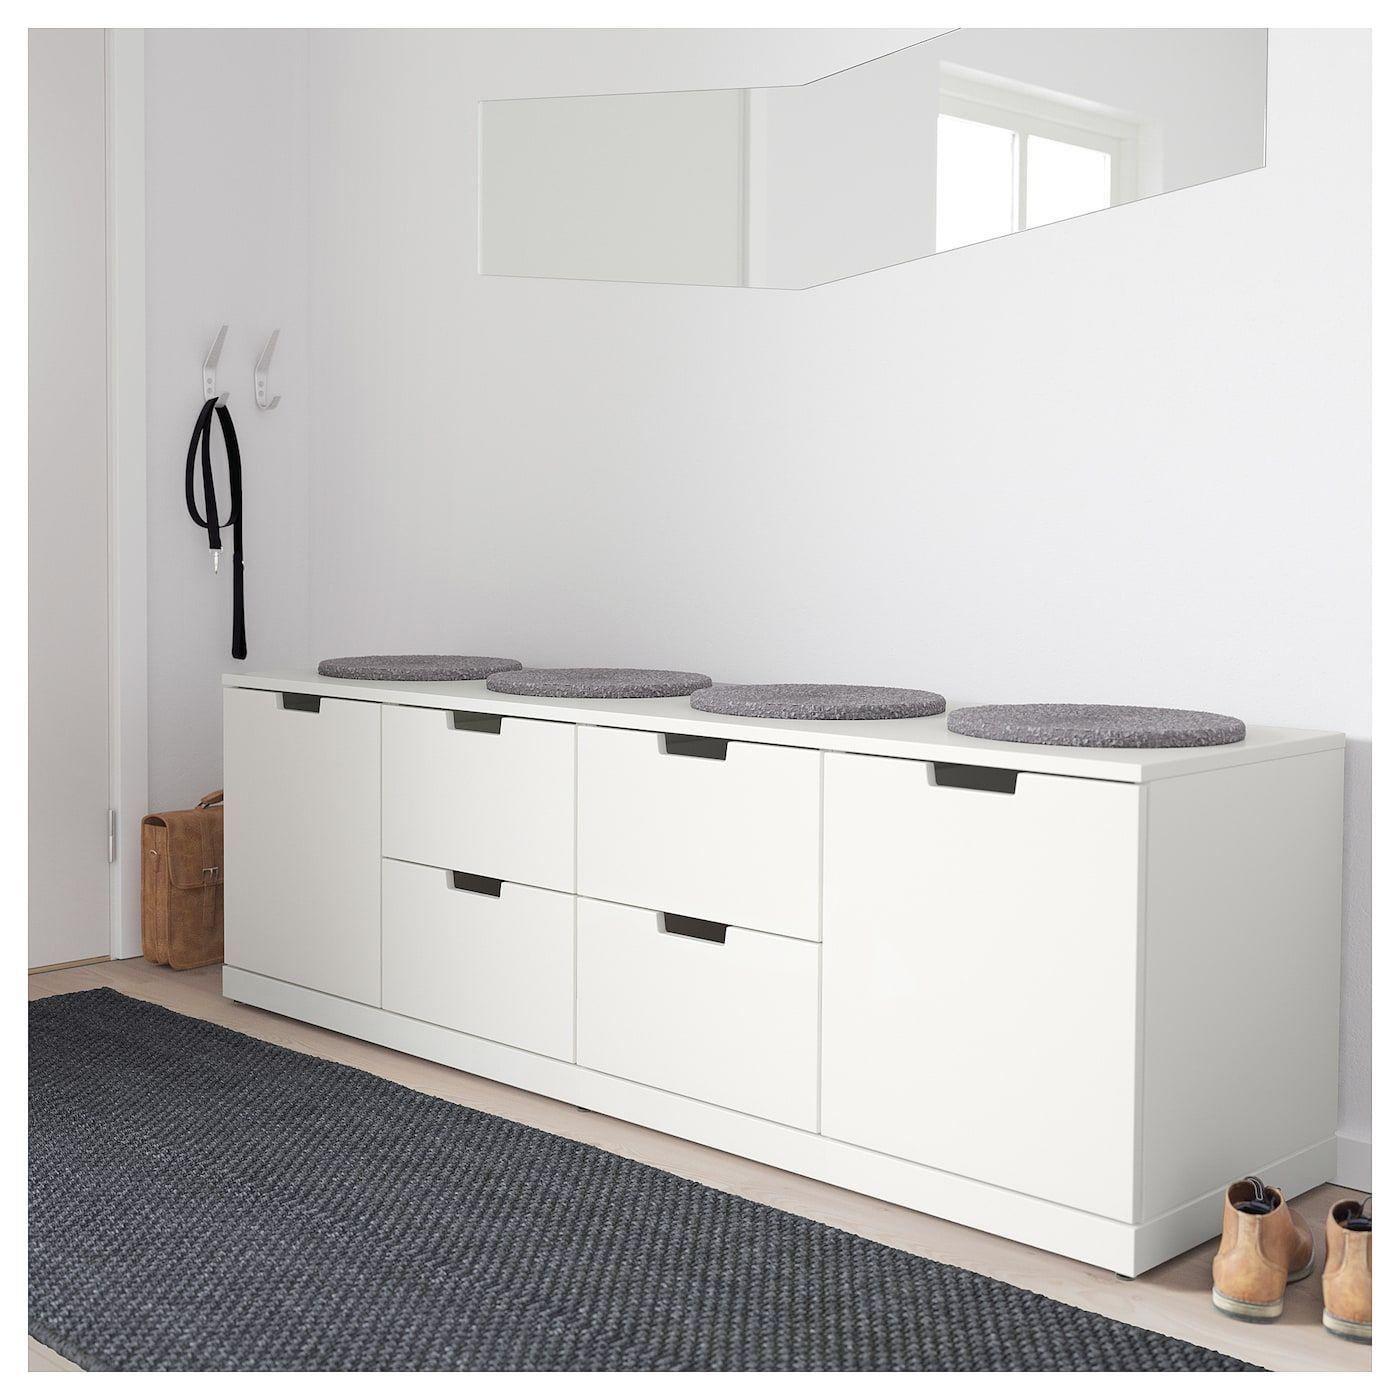 Ikea Nordli Kommode 4 Schubladen